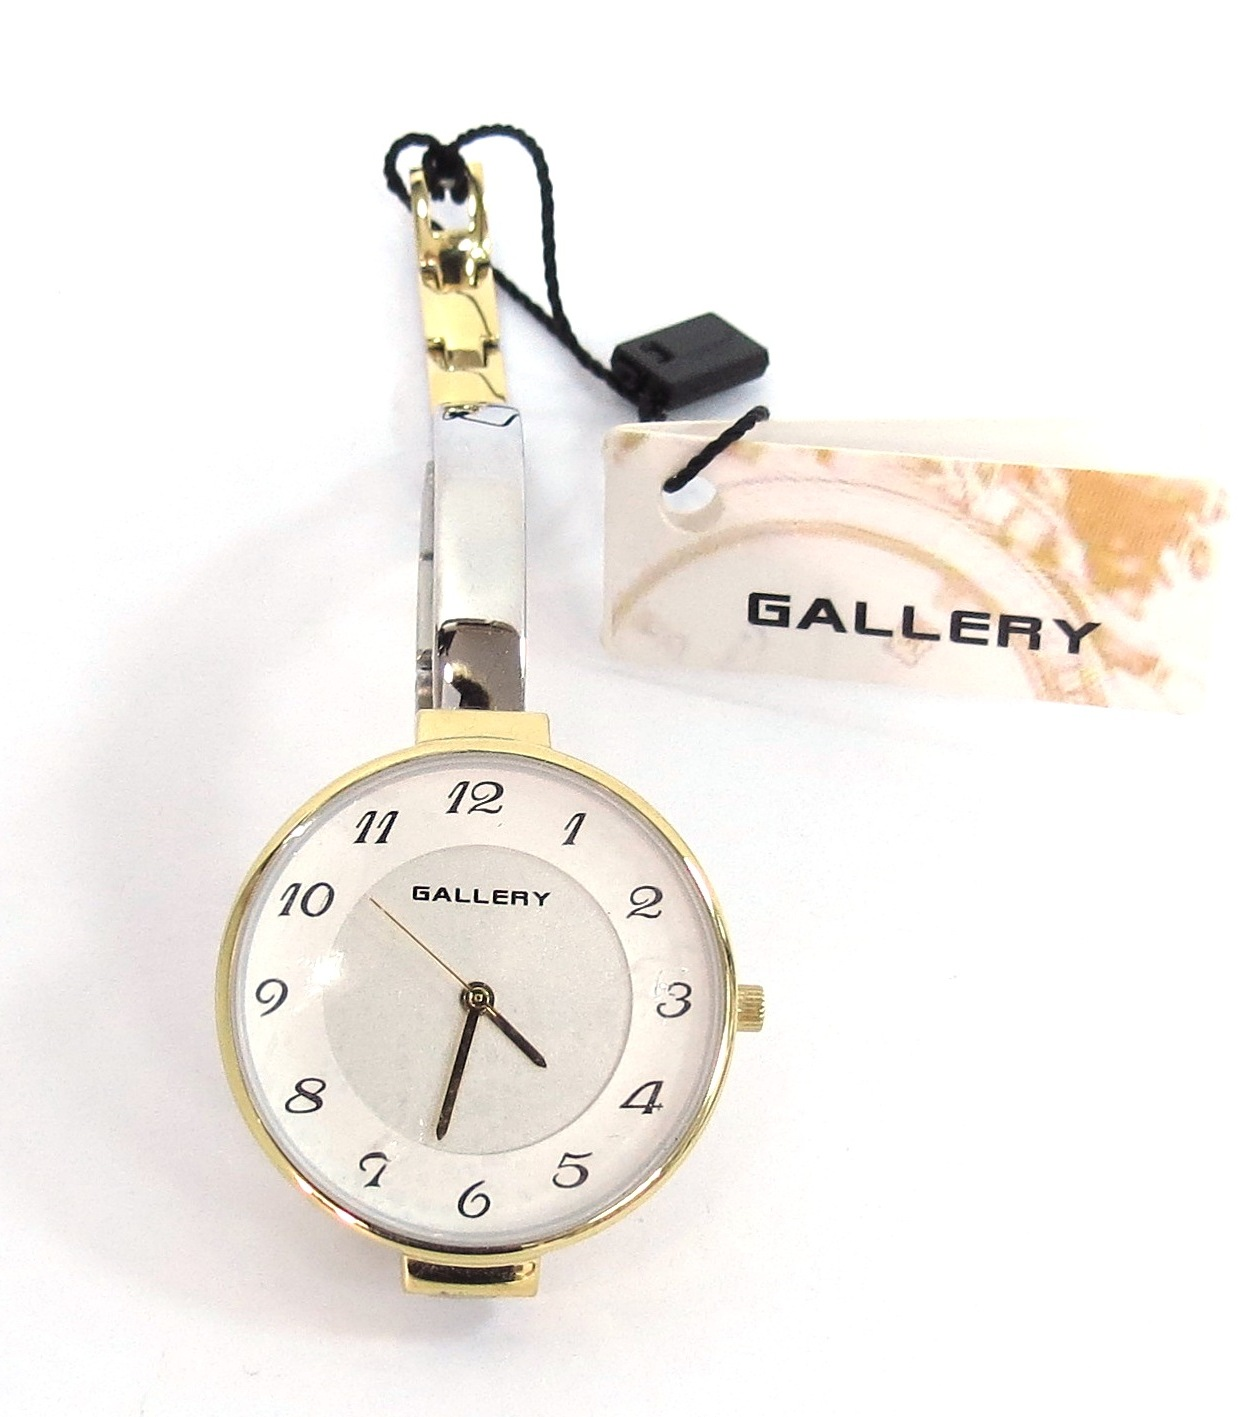 שעון יד תוצ Gallery, מנגנון קוורץ, לאישה, חדש, מצב עבודה